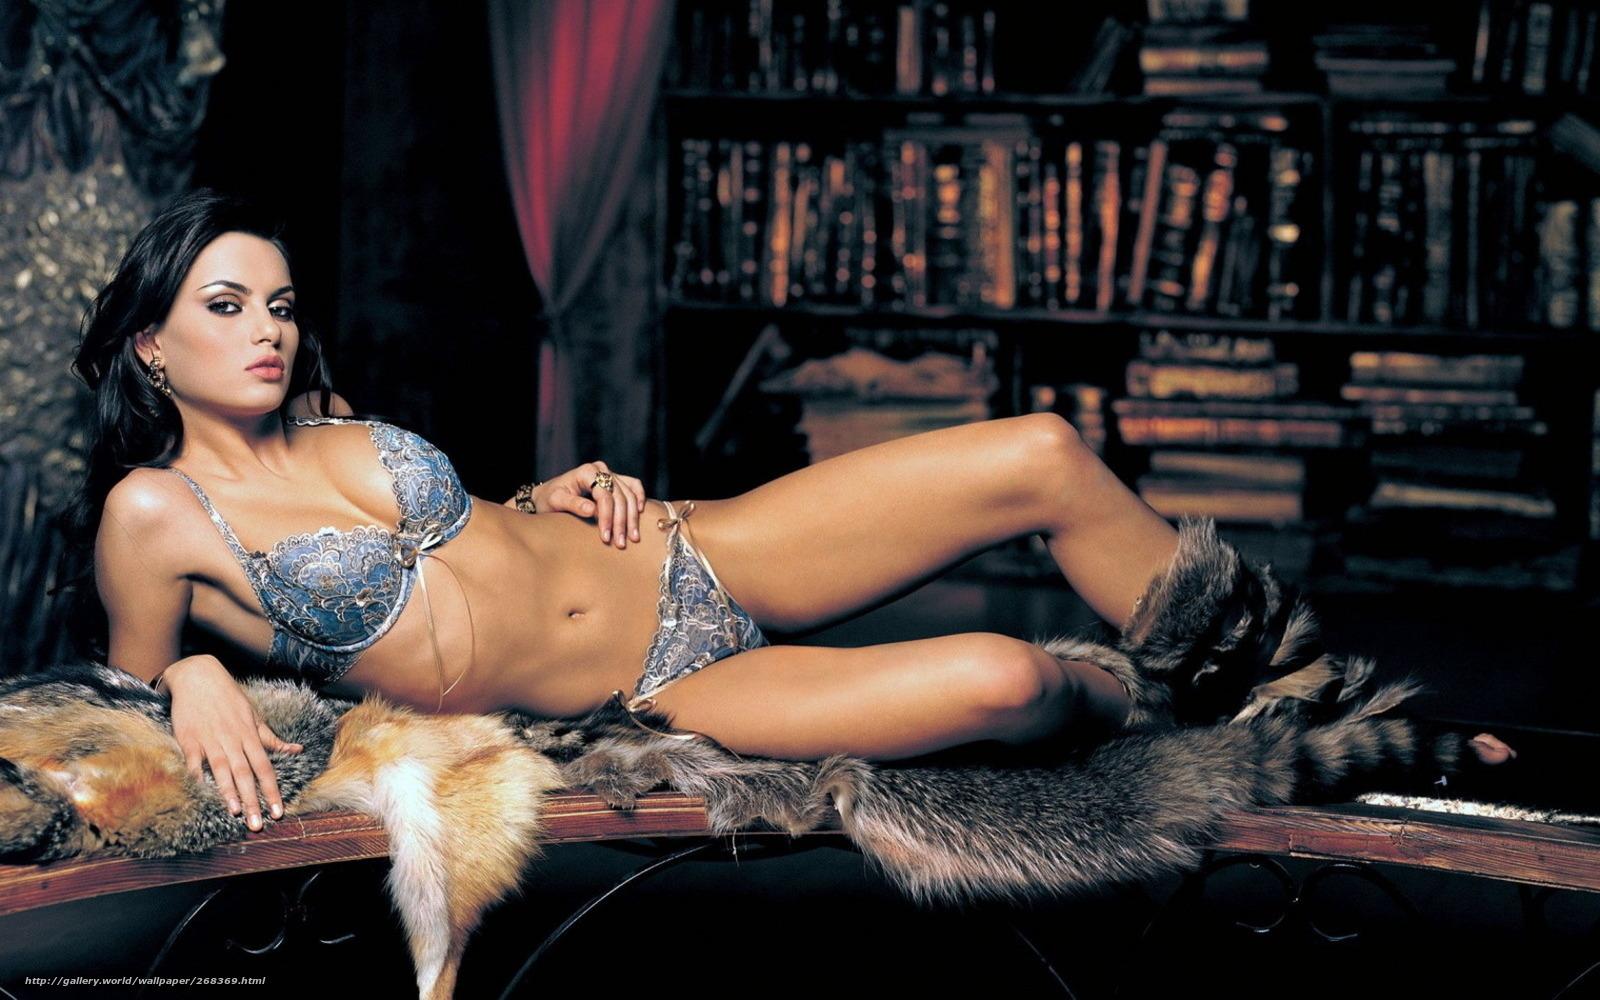 Сескуальная девушка в колготках онлайн 19 фотография